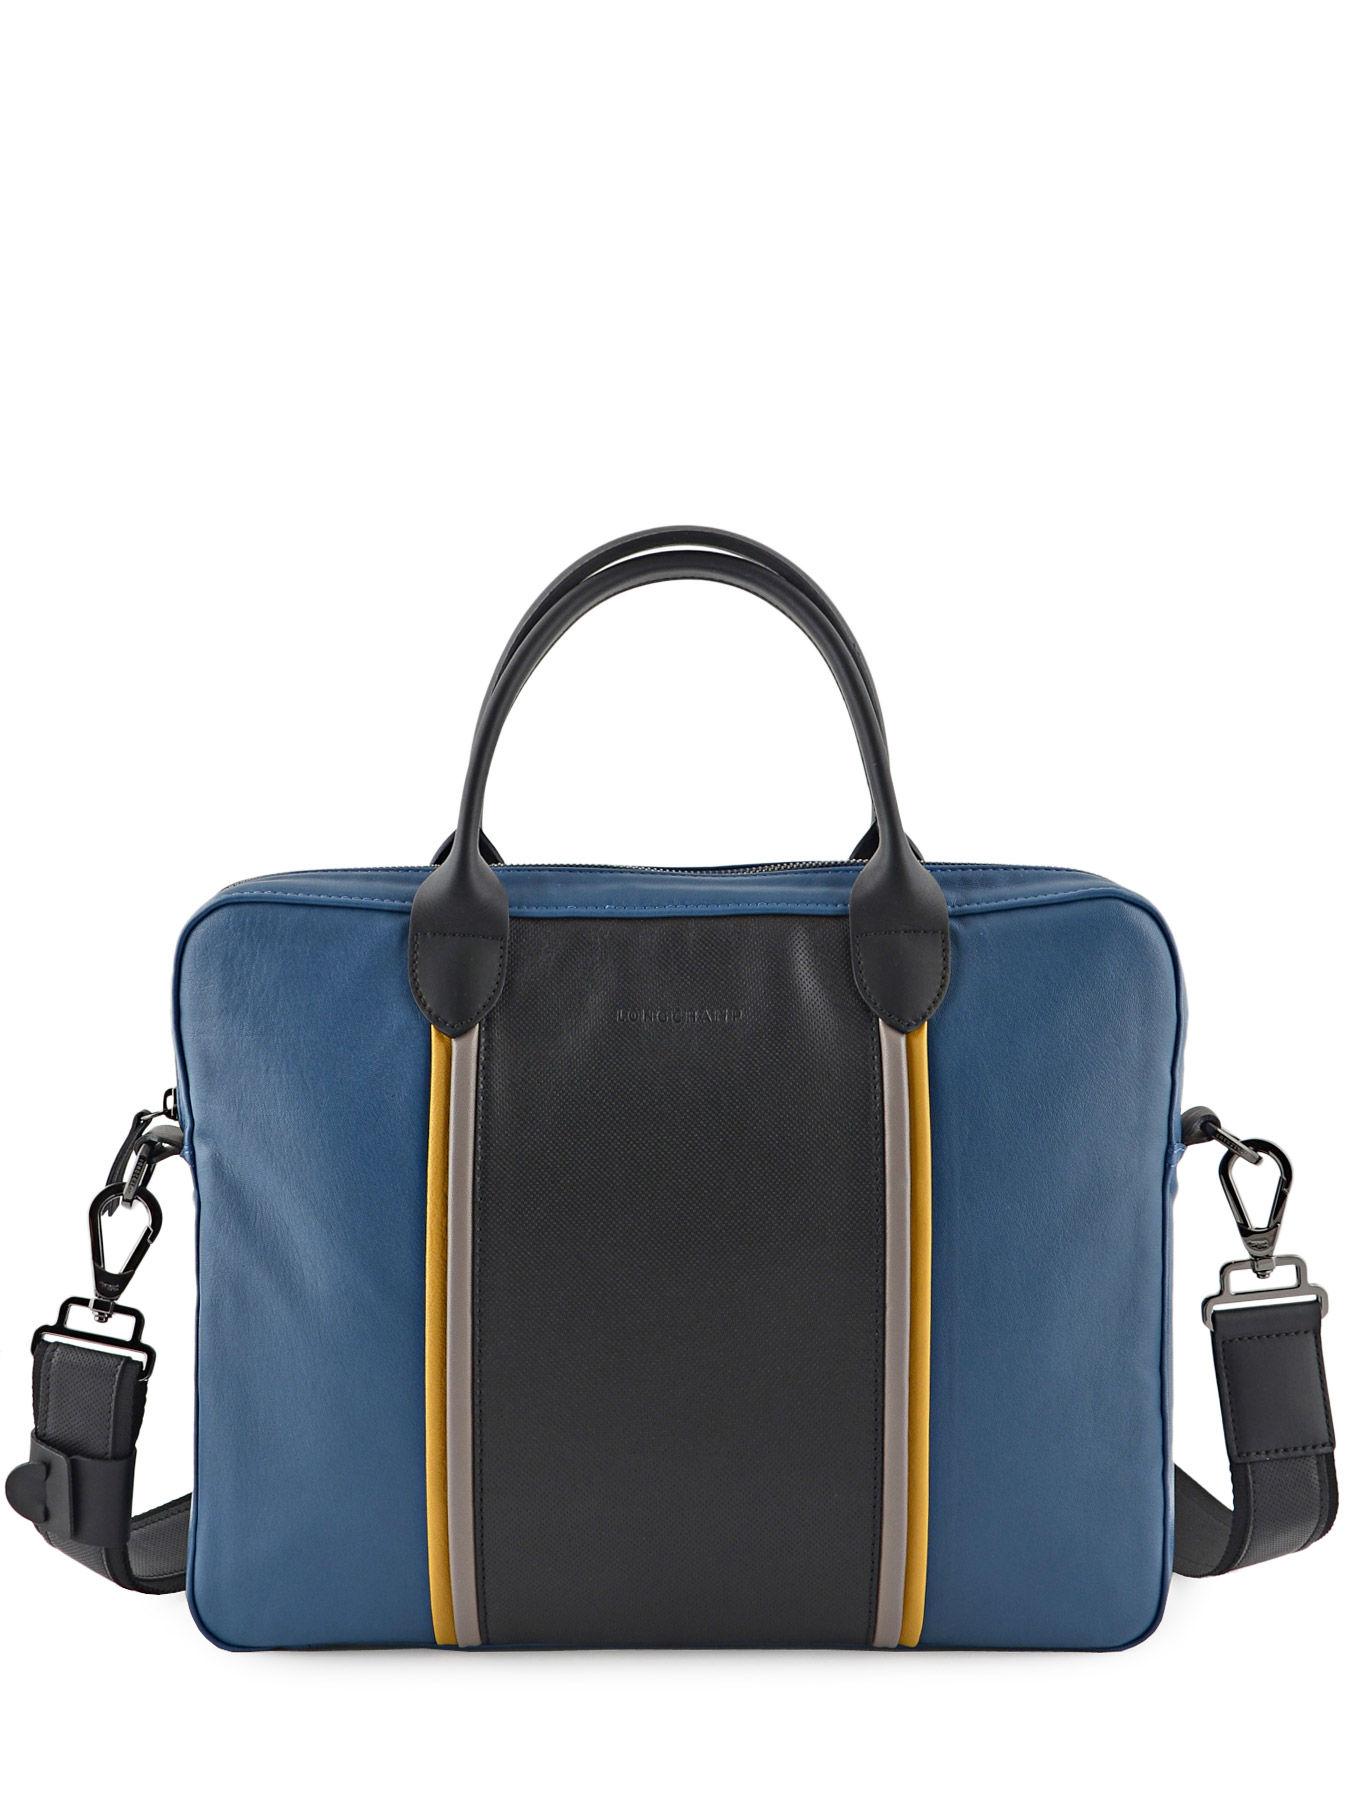 Longchamp Briefcase Blue